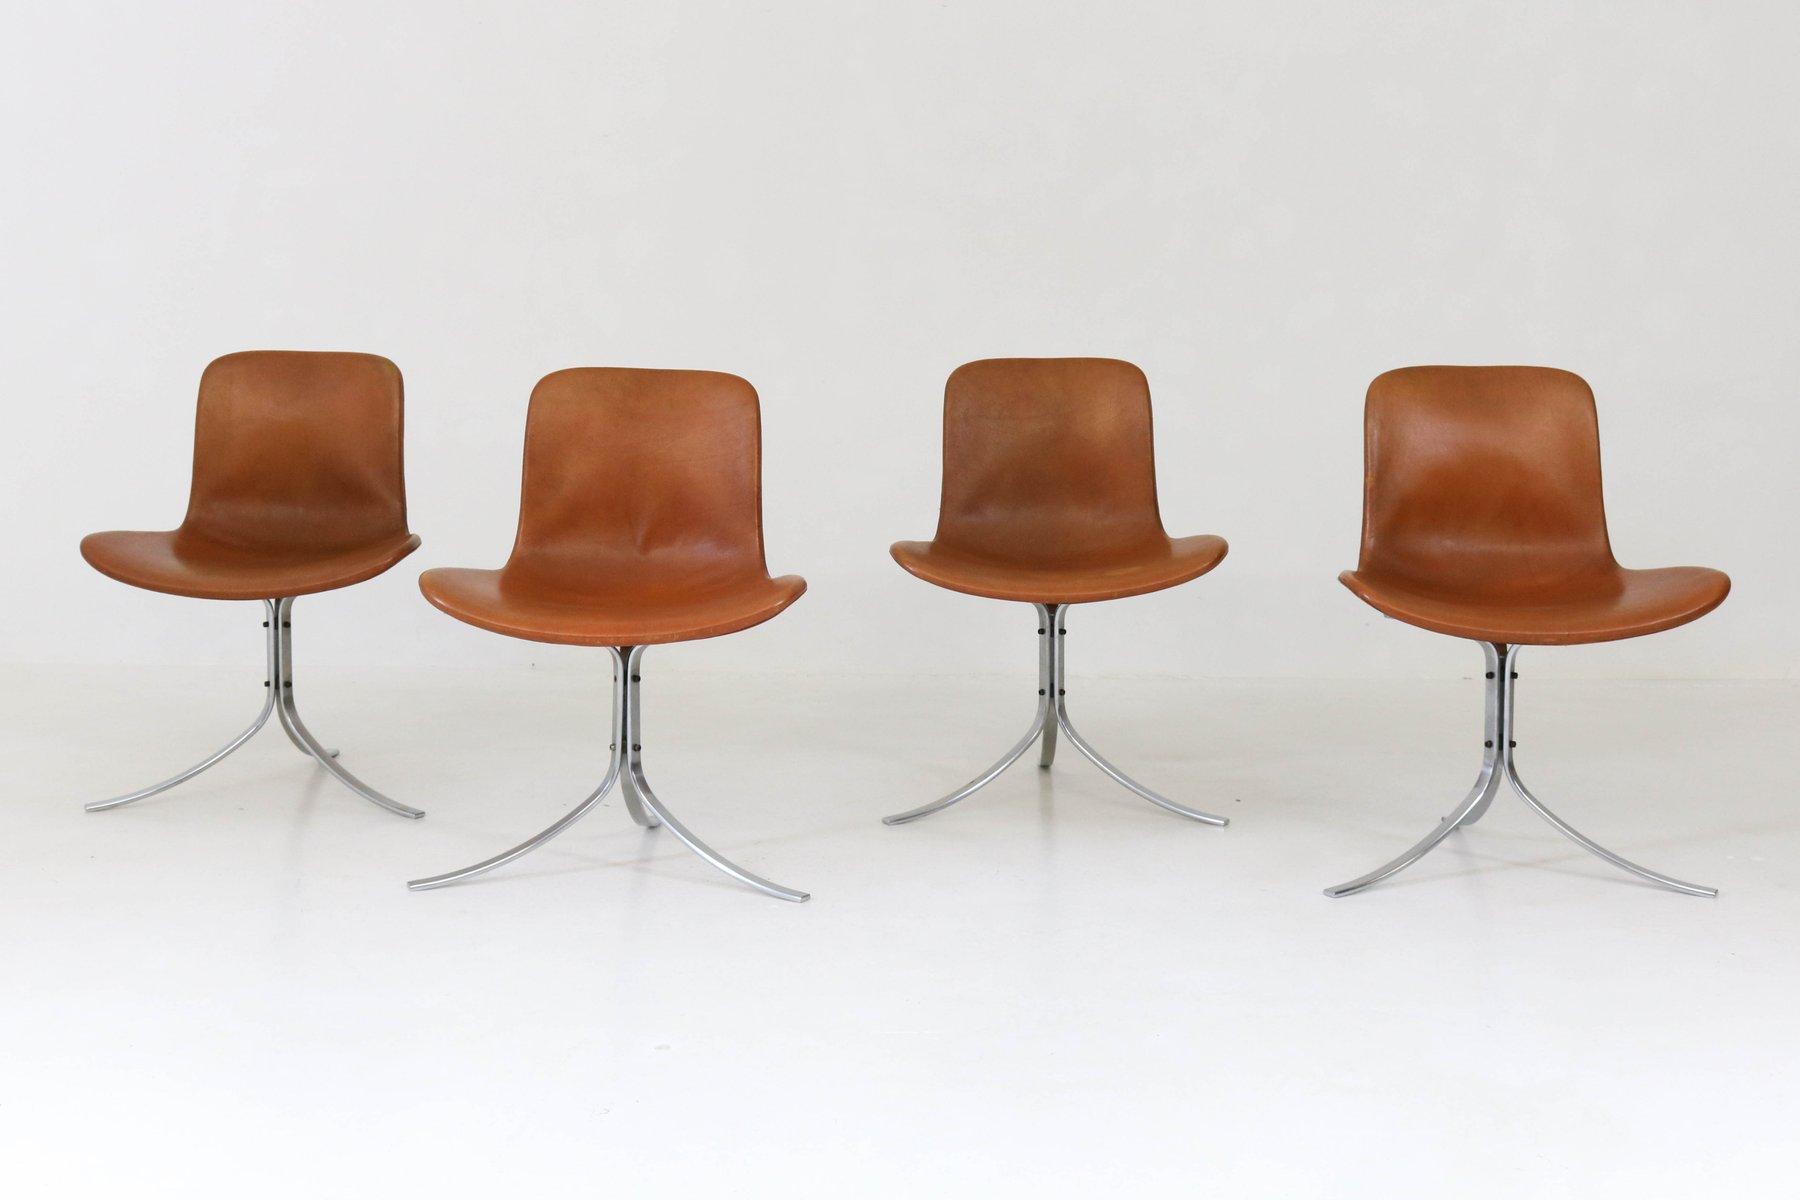 PK 9 Stühle von Poul Kjaerholm für E Kold Christensen, 1960er, 4er Set bei Pamono kaufen